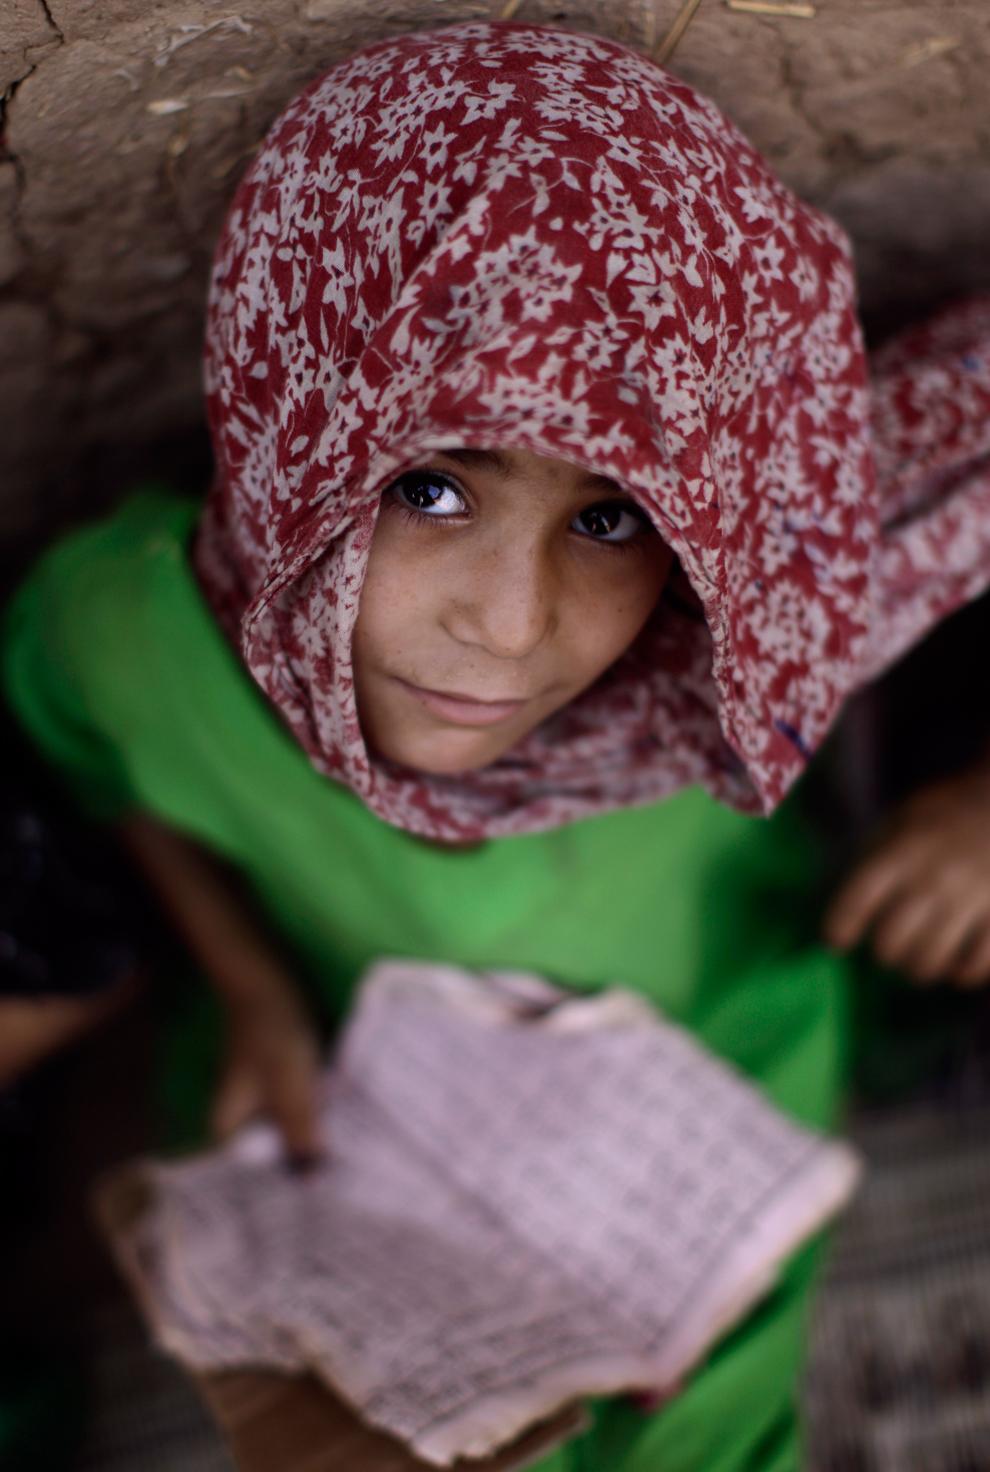 5-летняя Лайла Хазрат (Layla Hazrat) читает Коран во время урока в школе в местной мечети на окраине Исламабада, Пакистан, 7 июня 2012 года.